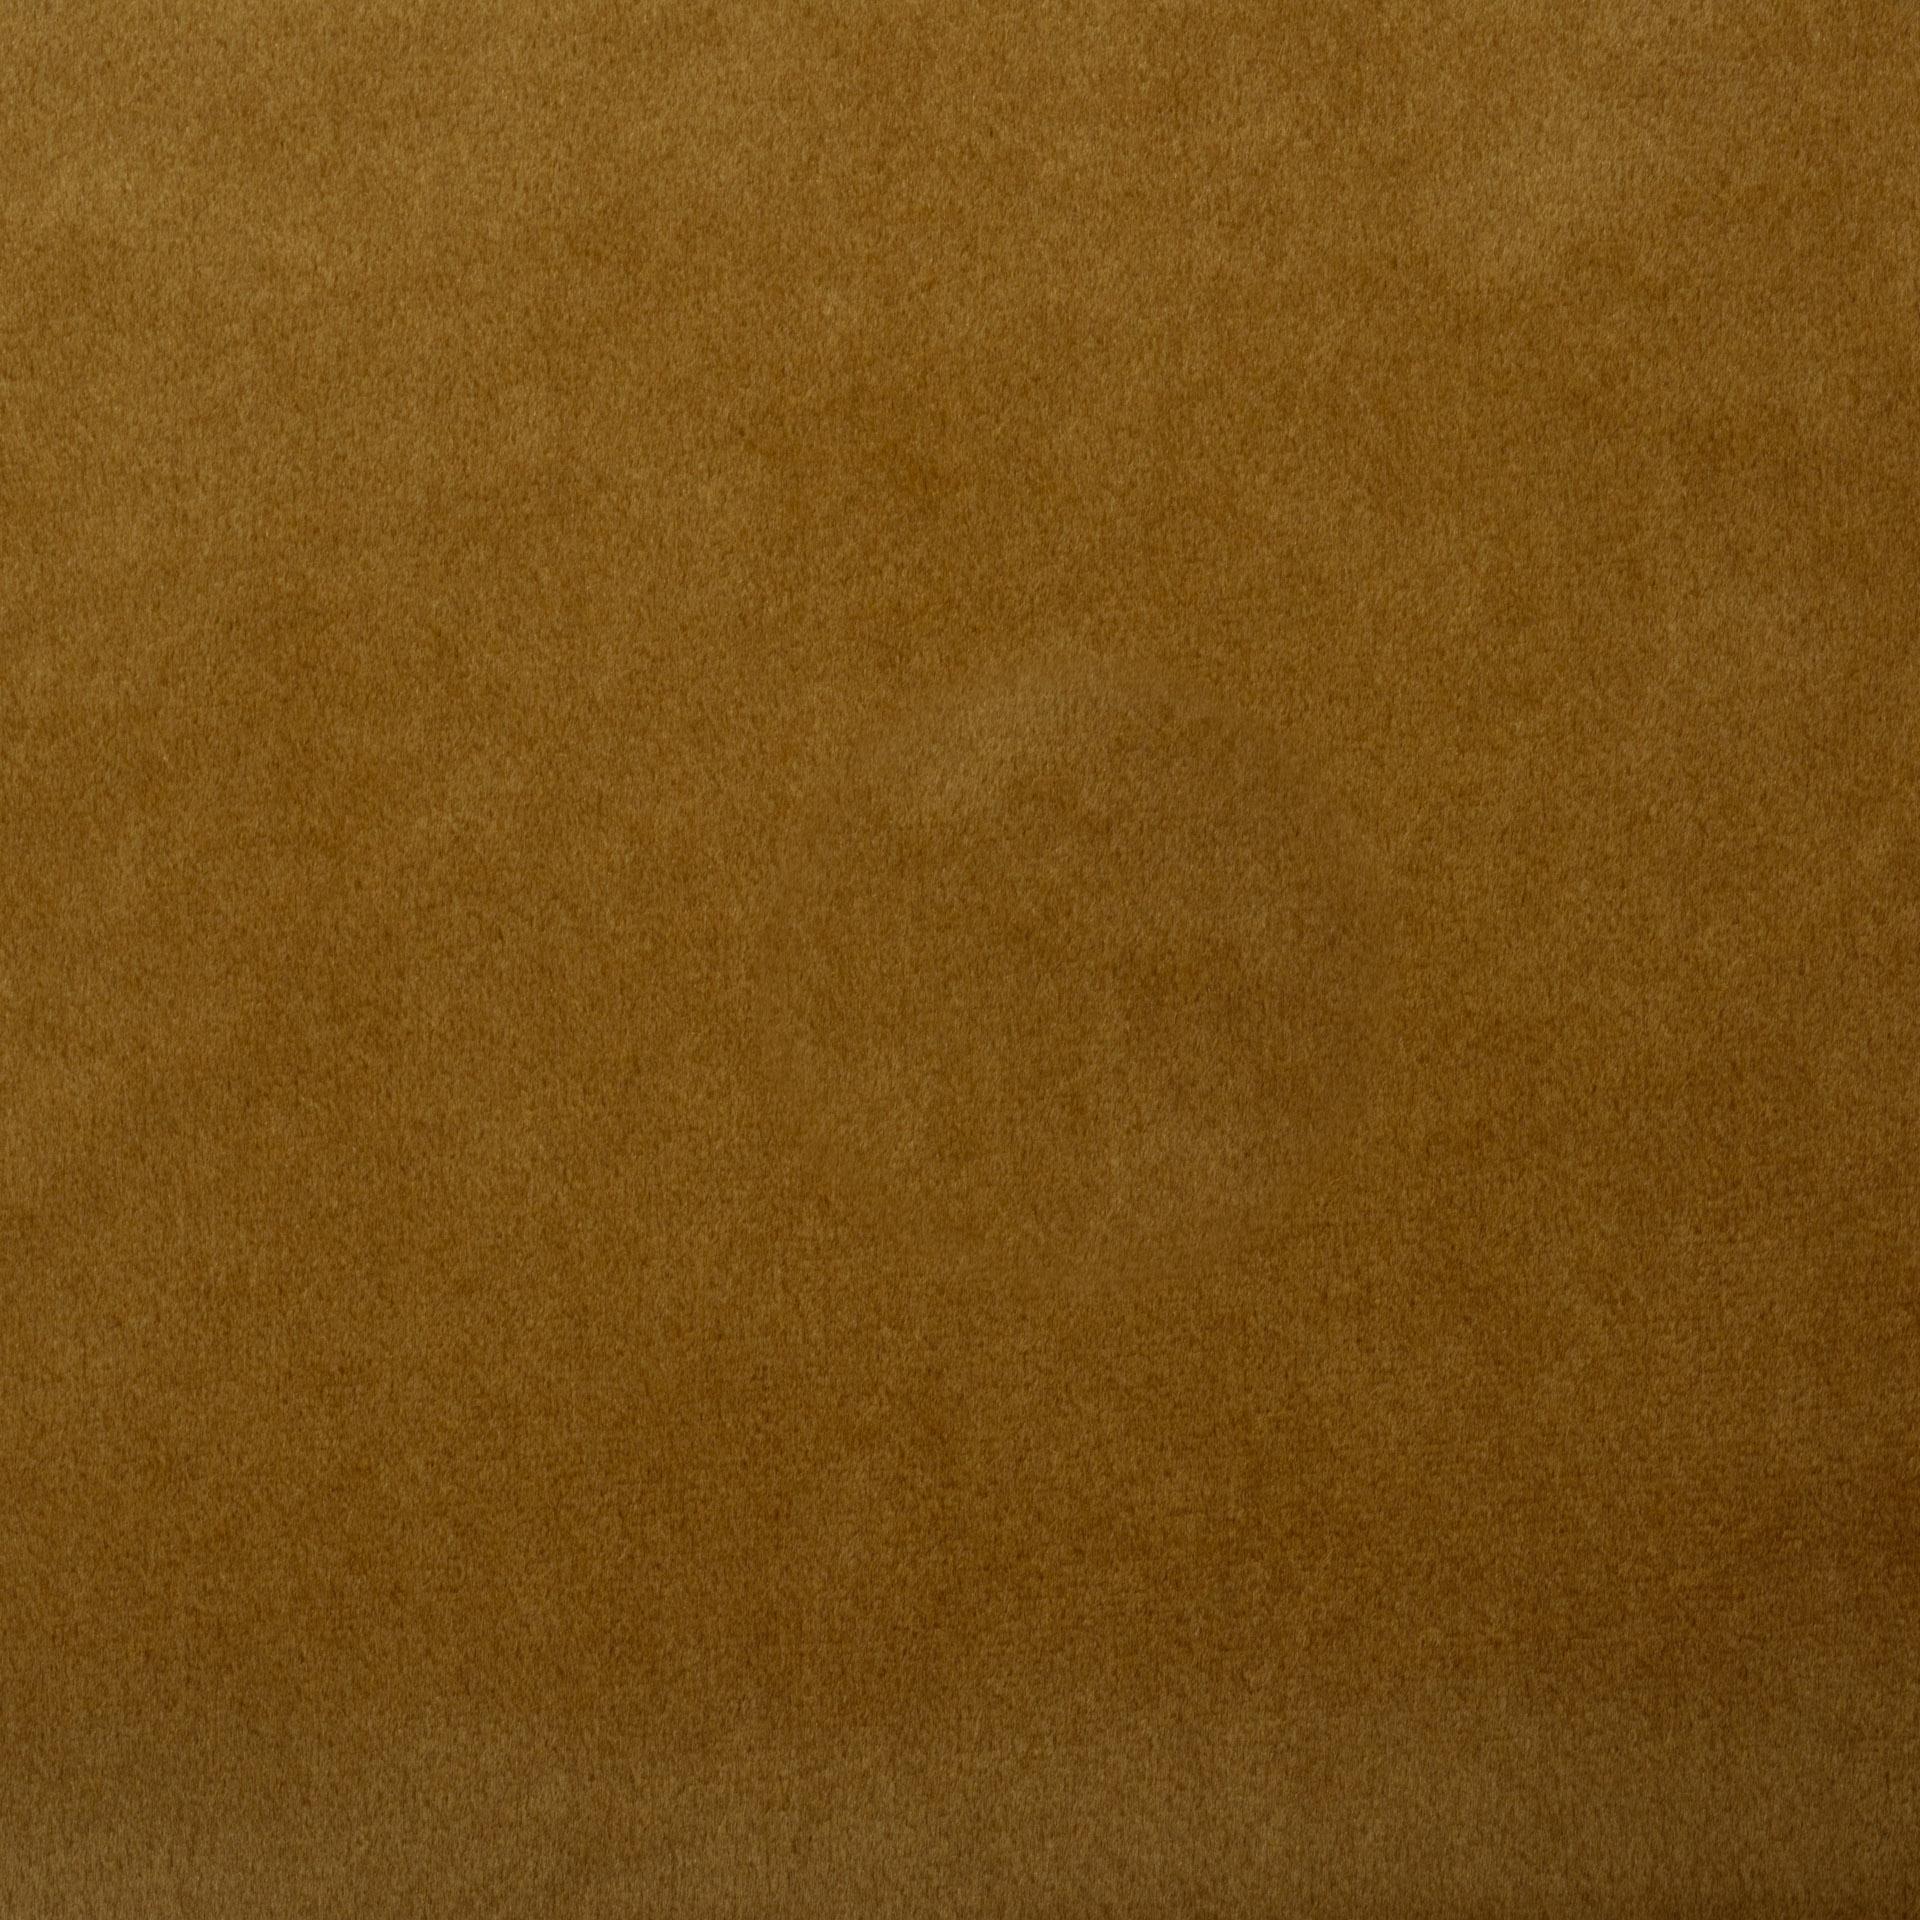 Коллекция ткани Альмира 24 GOLDEN LION SHINE,  купить ткань Велюр для мебели Украина